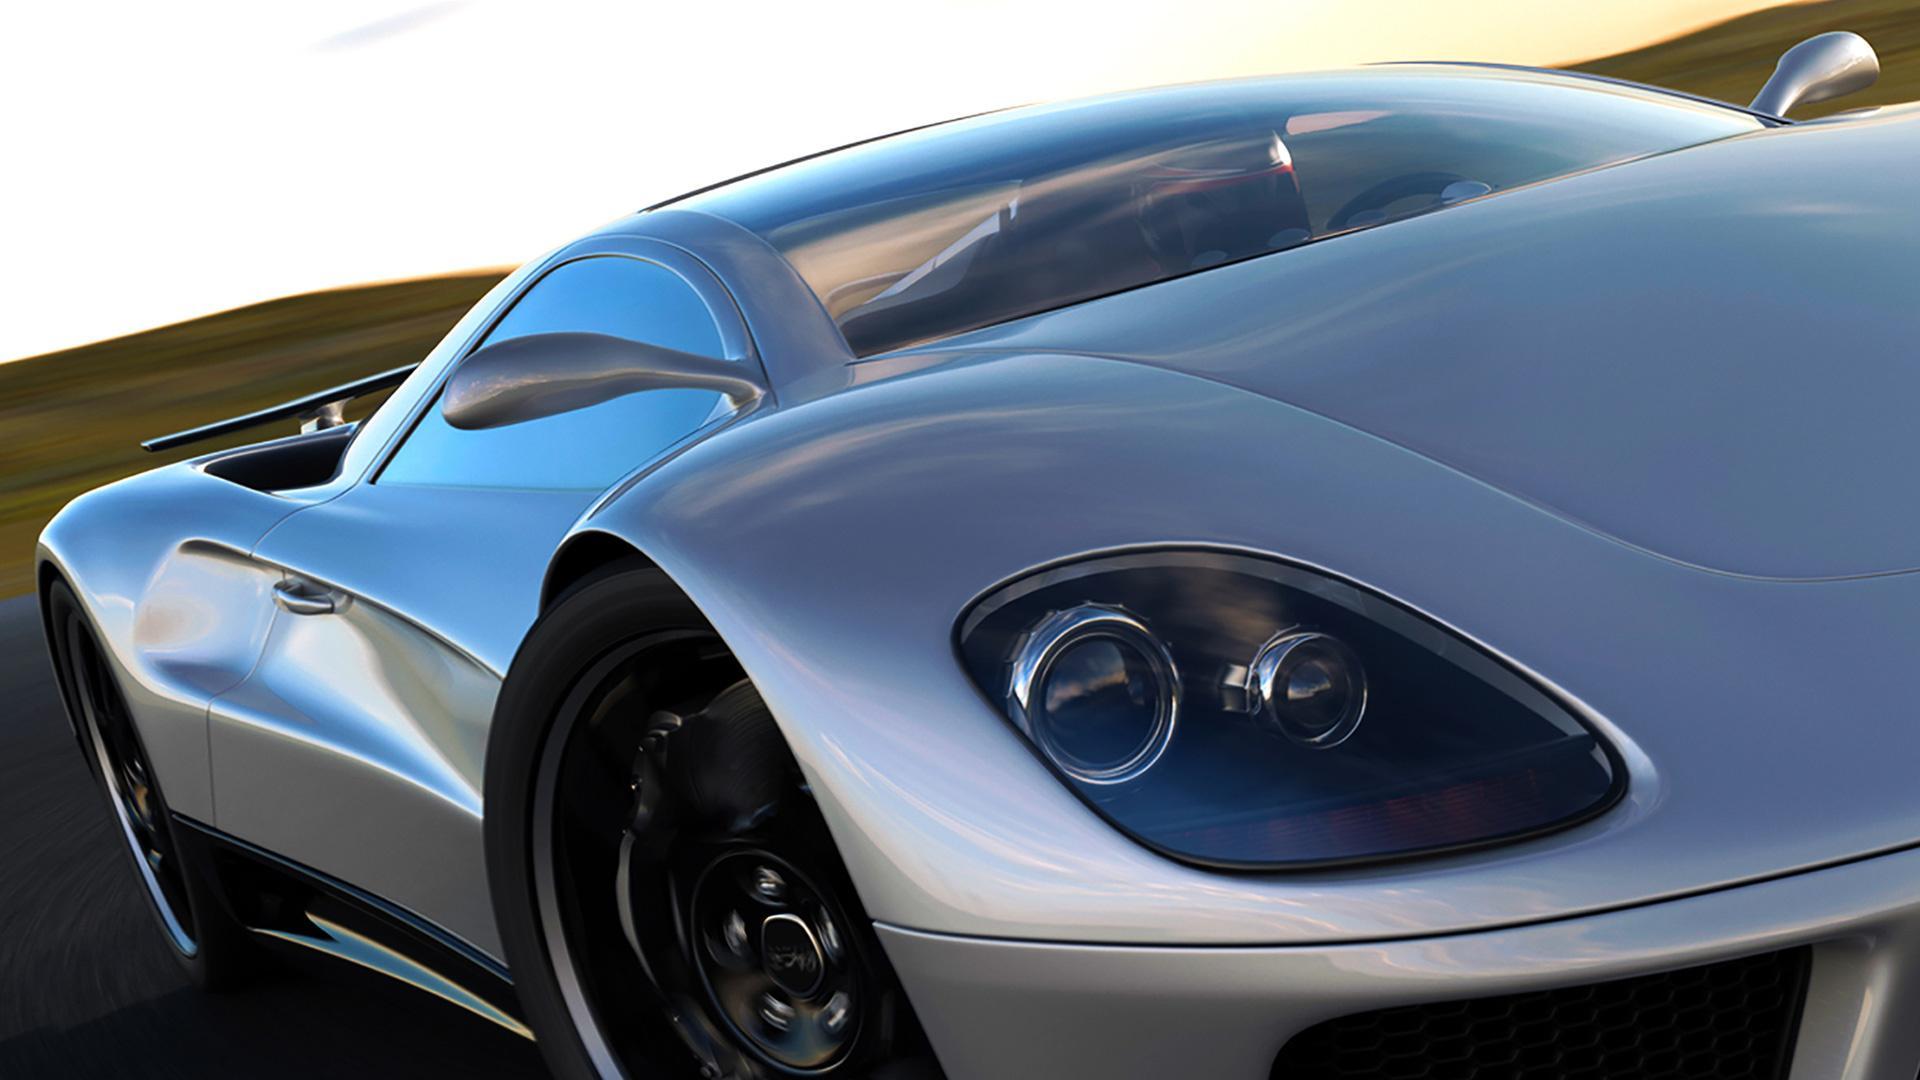 Motor Trend Come e' fatto: Supercar